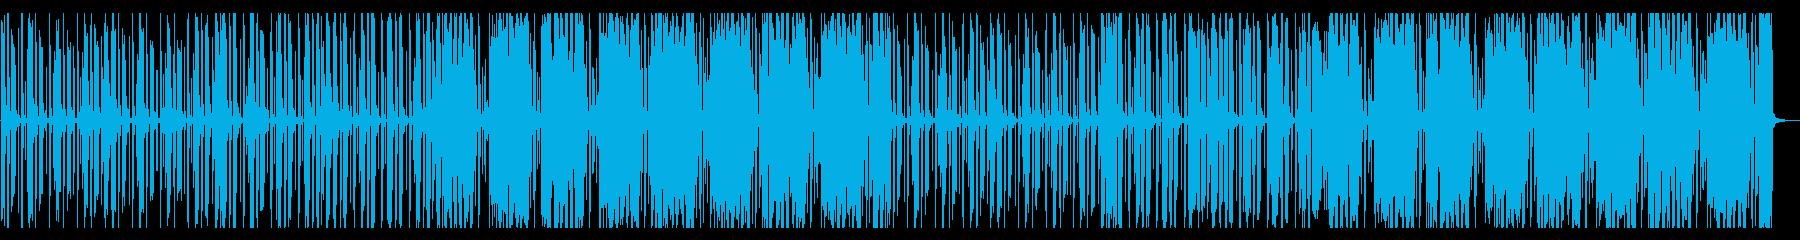 爽やか / 浮遊感 / 青の再生済みの波形